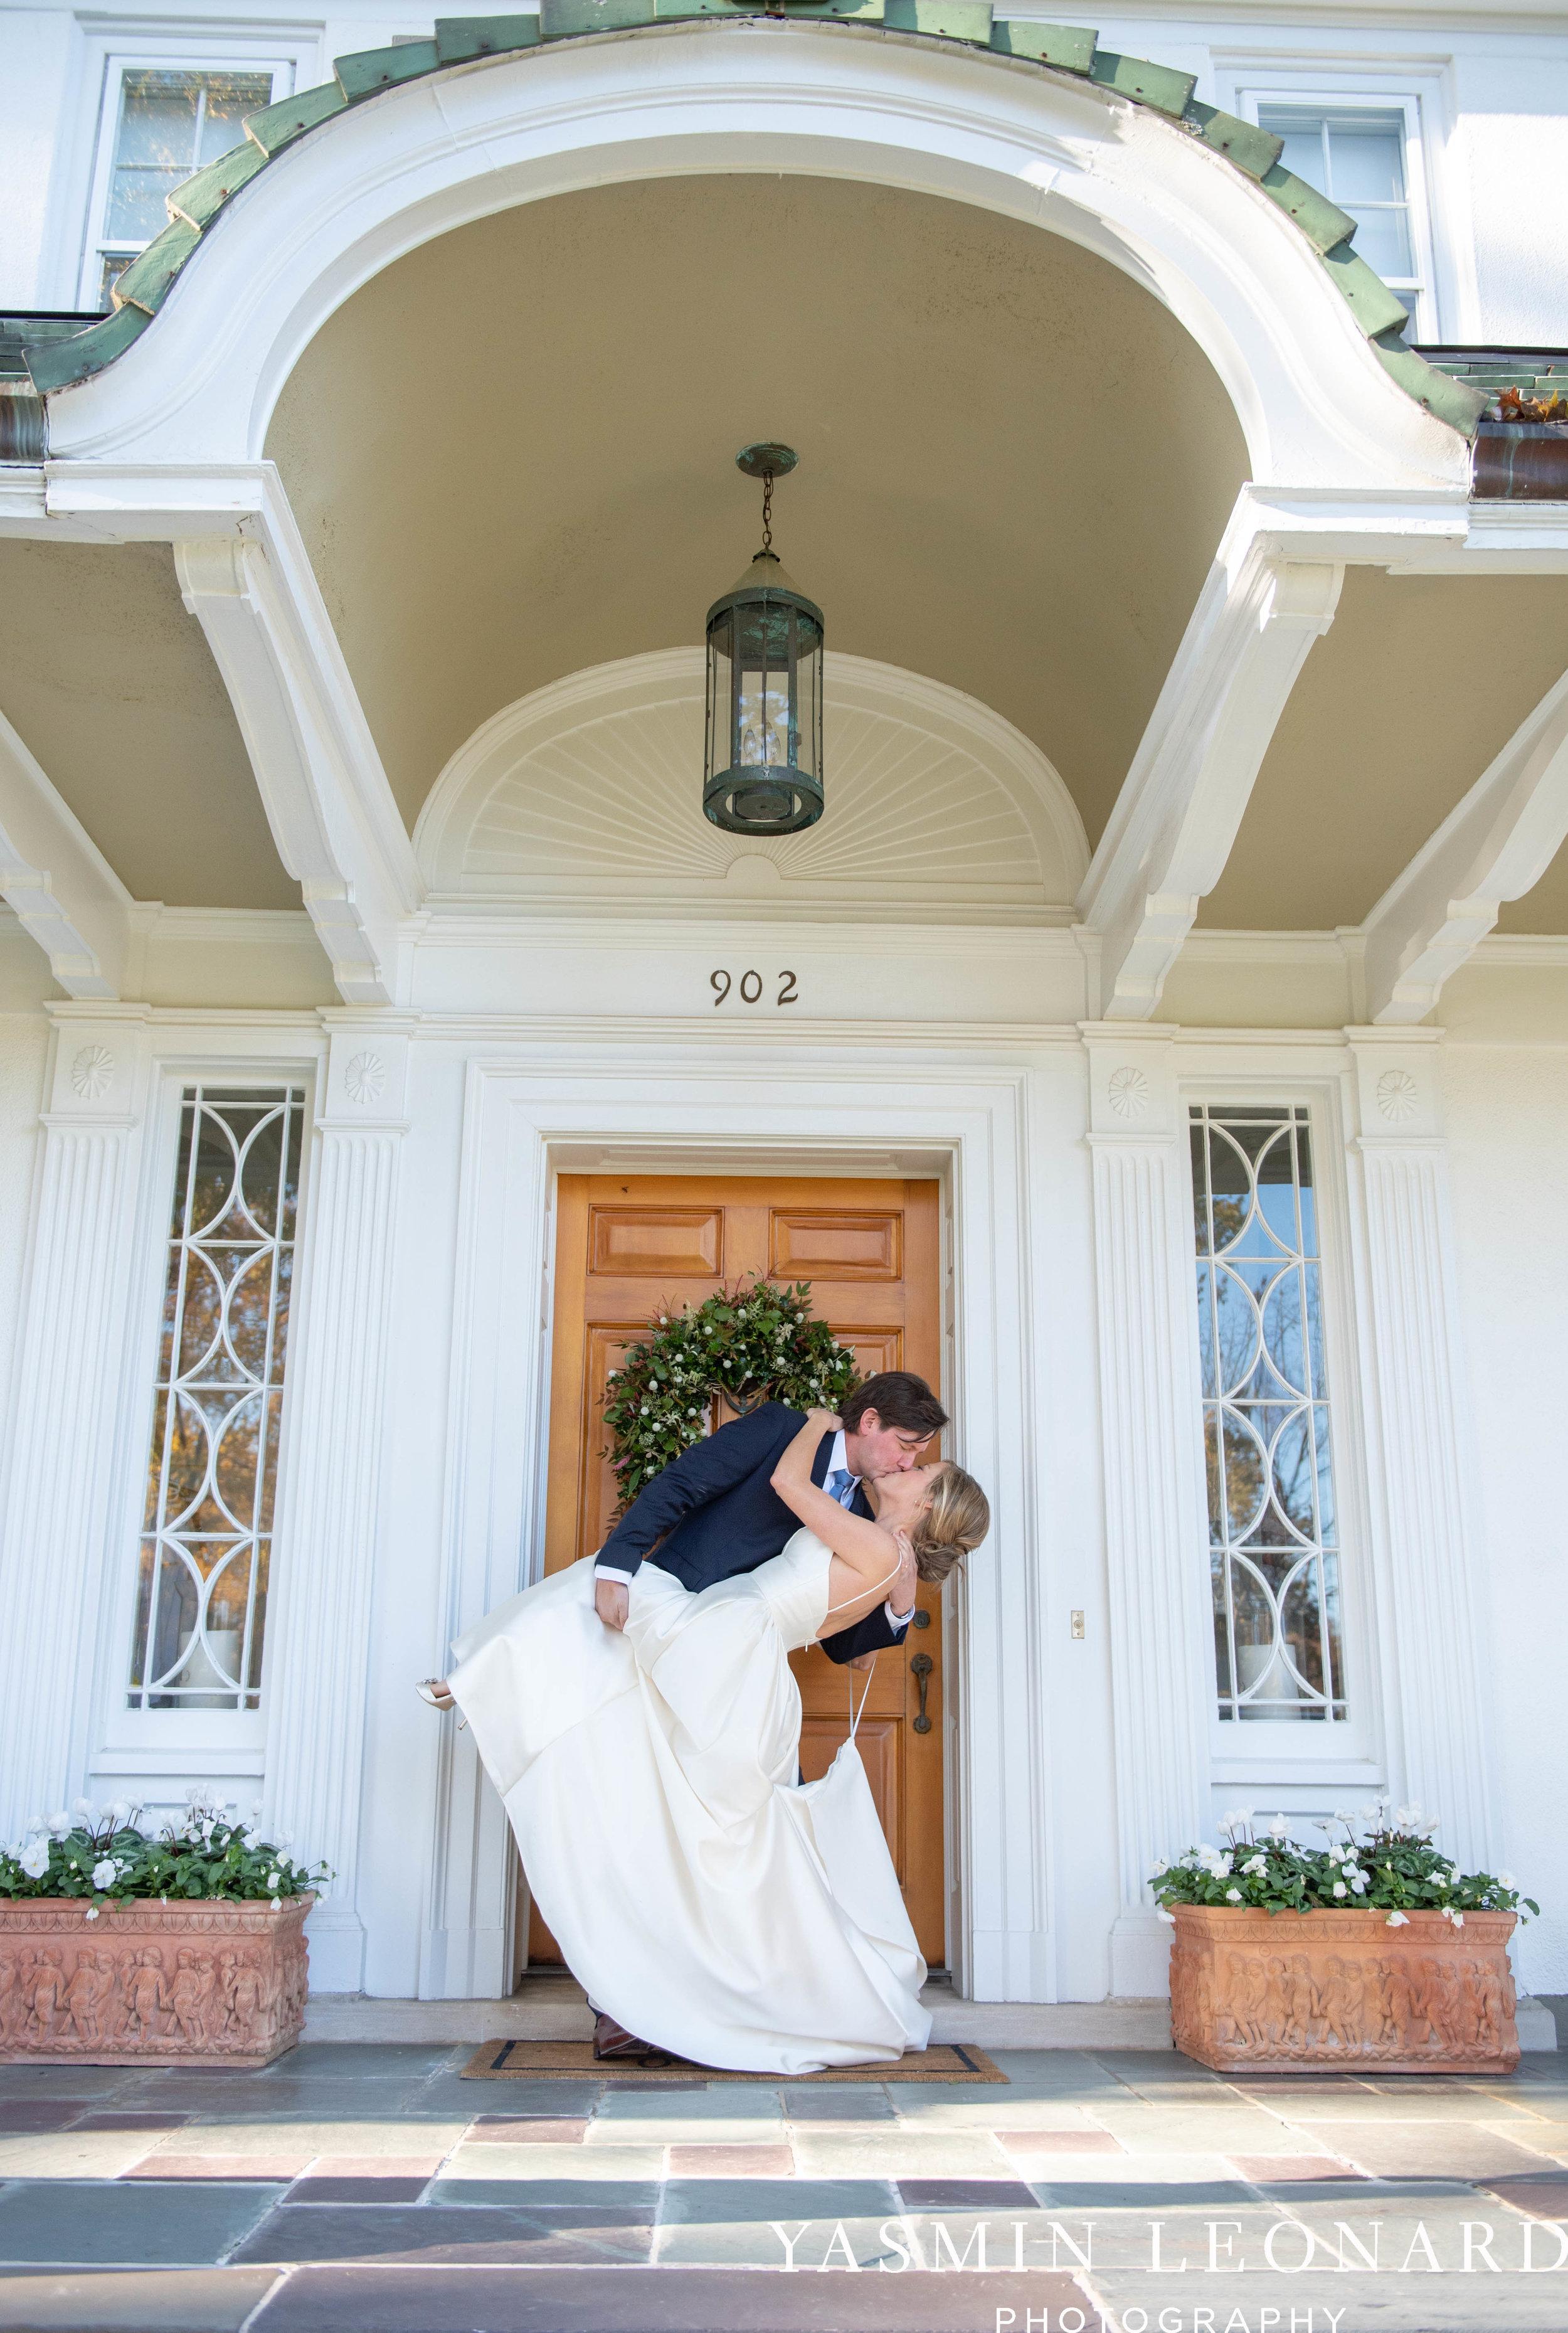 Wesley Memorial United Methodist Church - EmeryWood - High Point Weddings - High Point Wedding Photographer - NC Wedding Photographer - Yasmin Leonard Photography-54.jpg